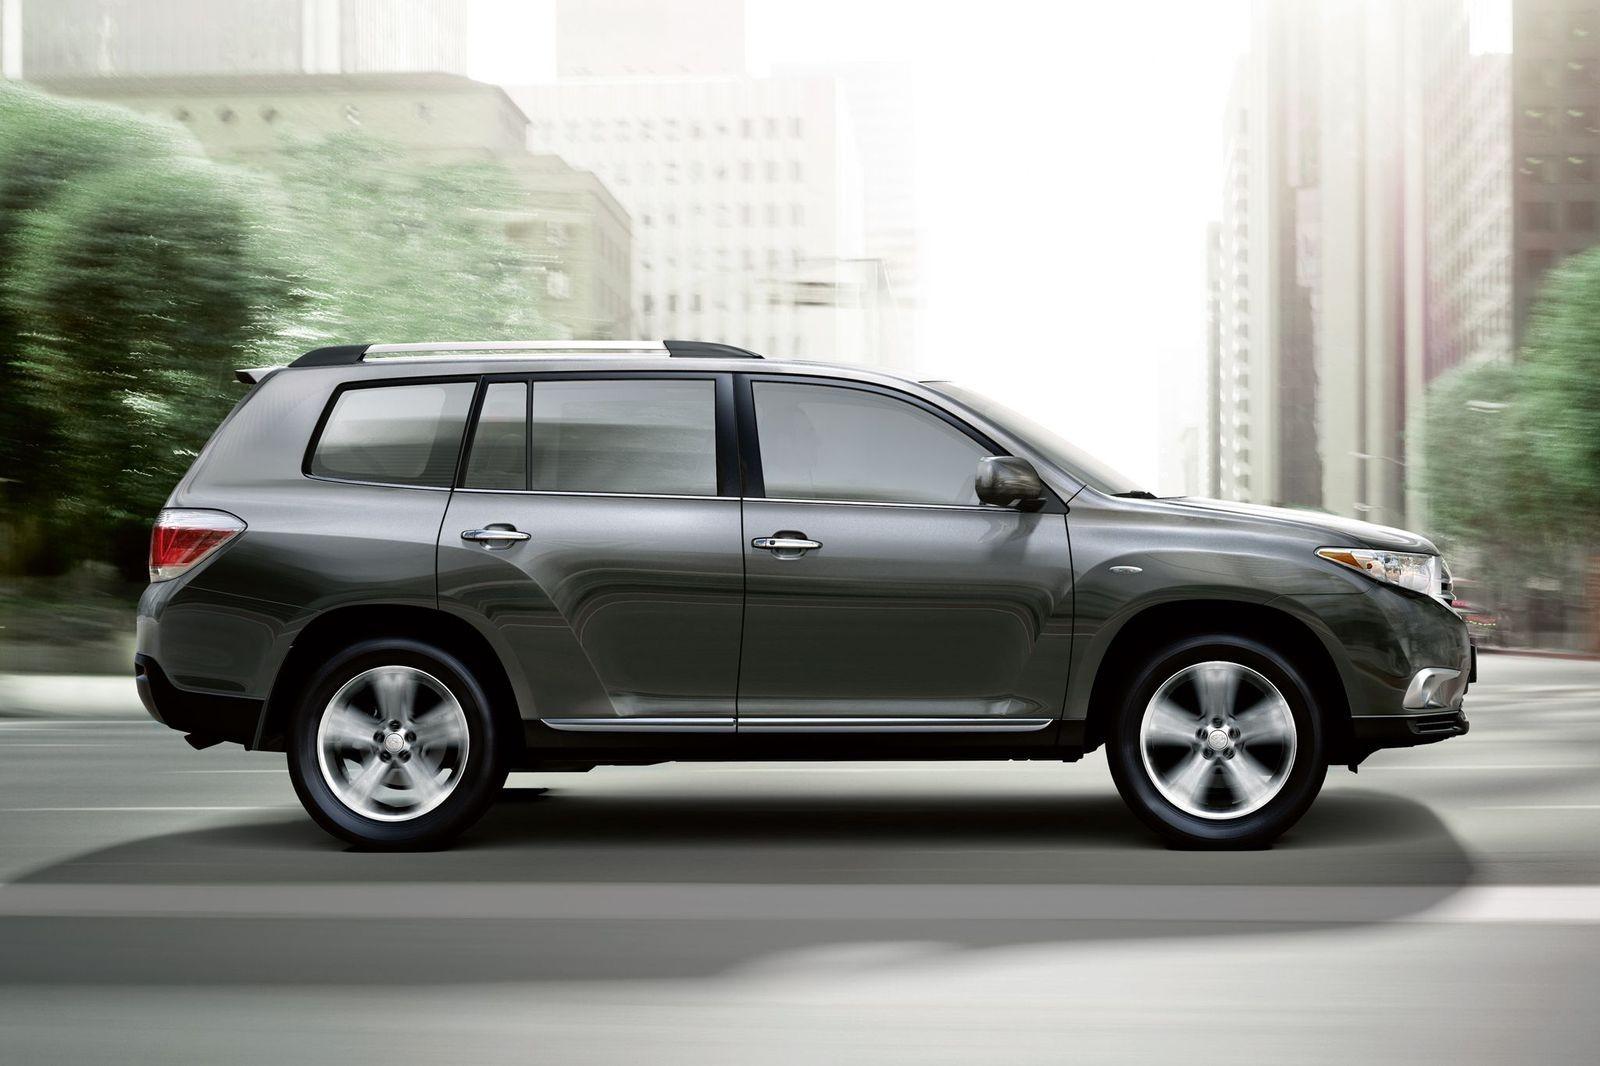 Как Camry 3.5, только побольше: стоит ли покупать Toyota Highlander II за 1,5 миллиона рублей